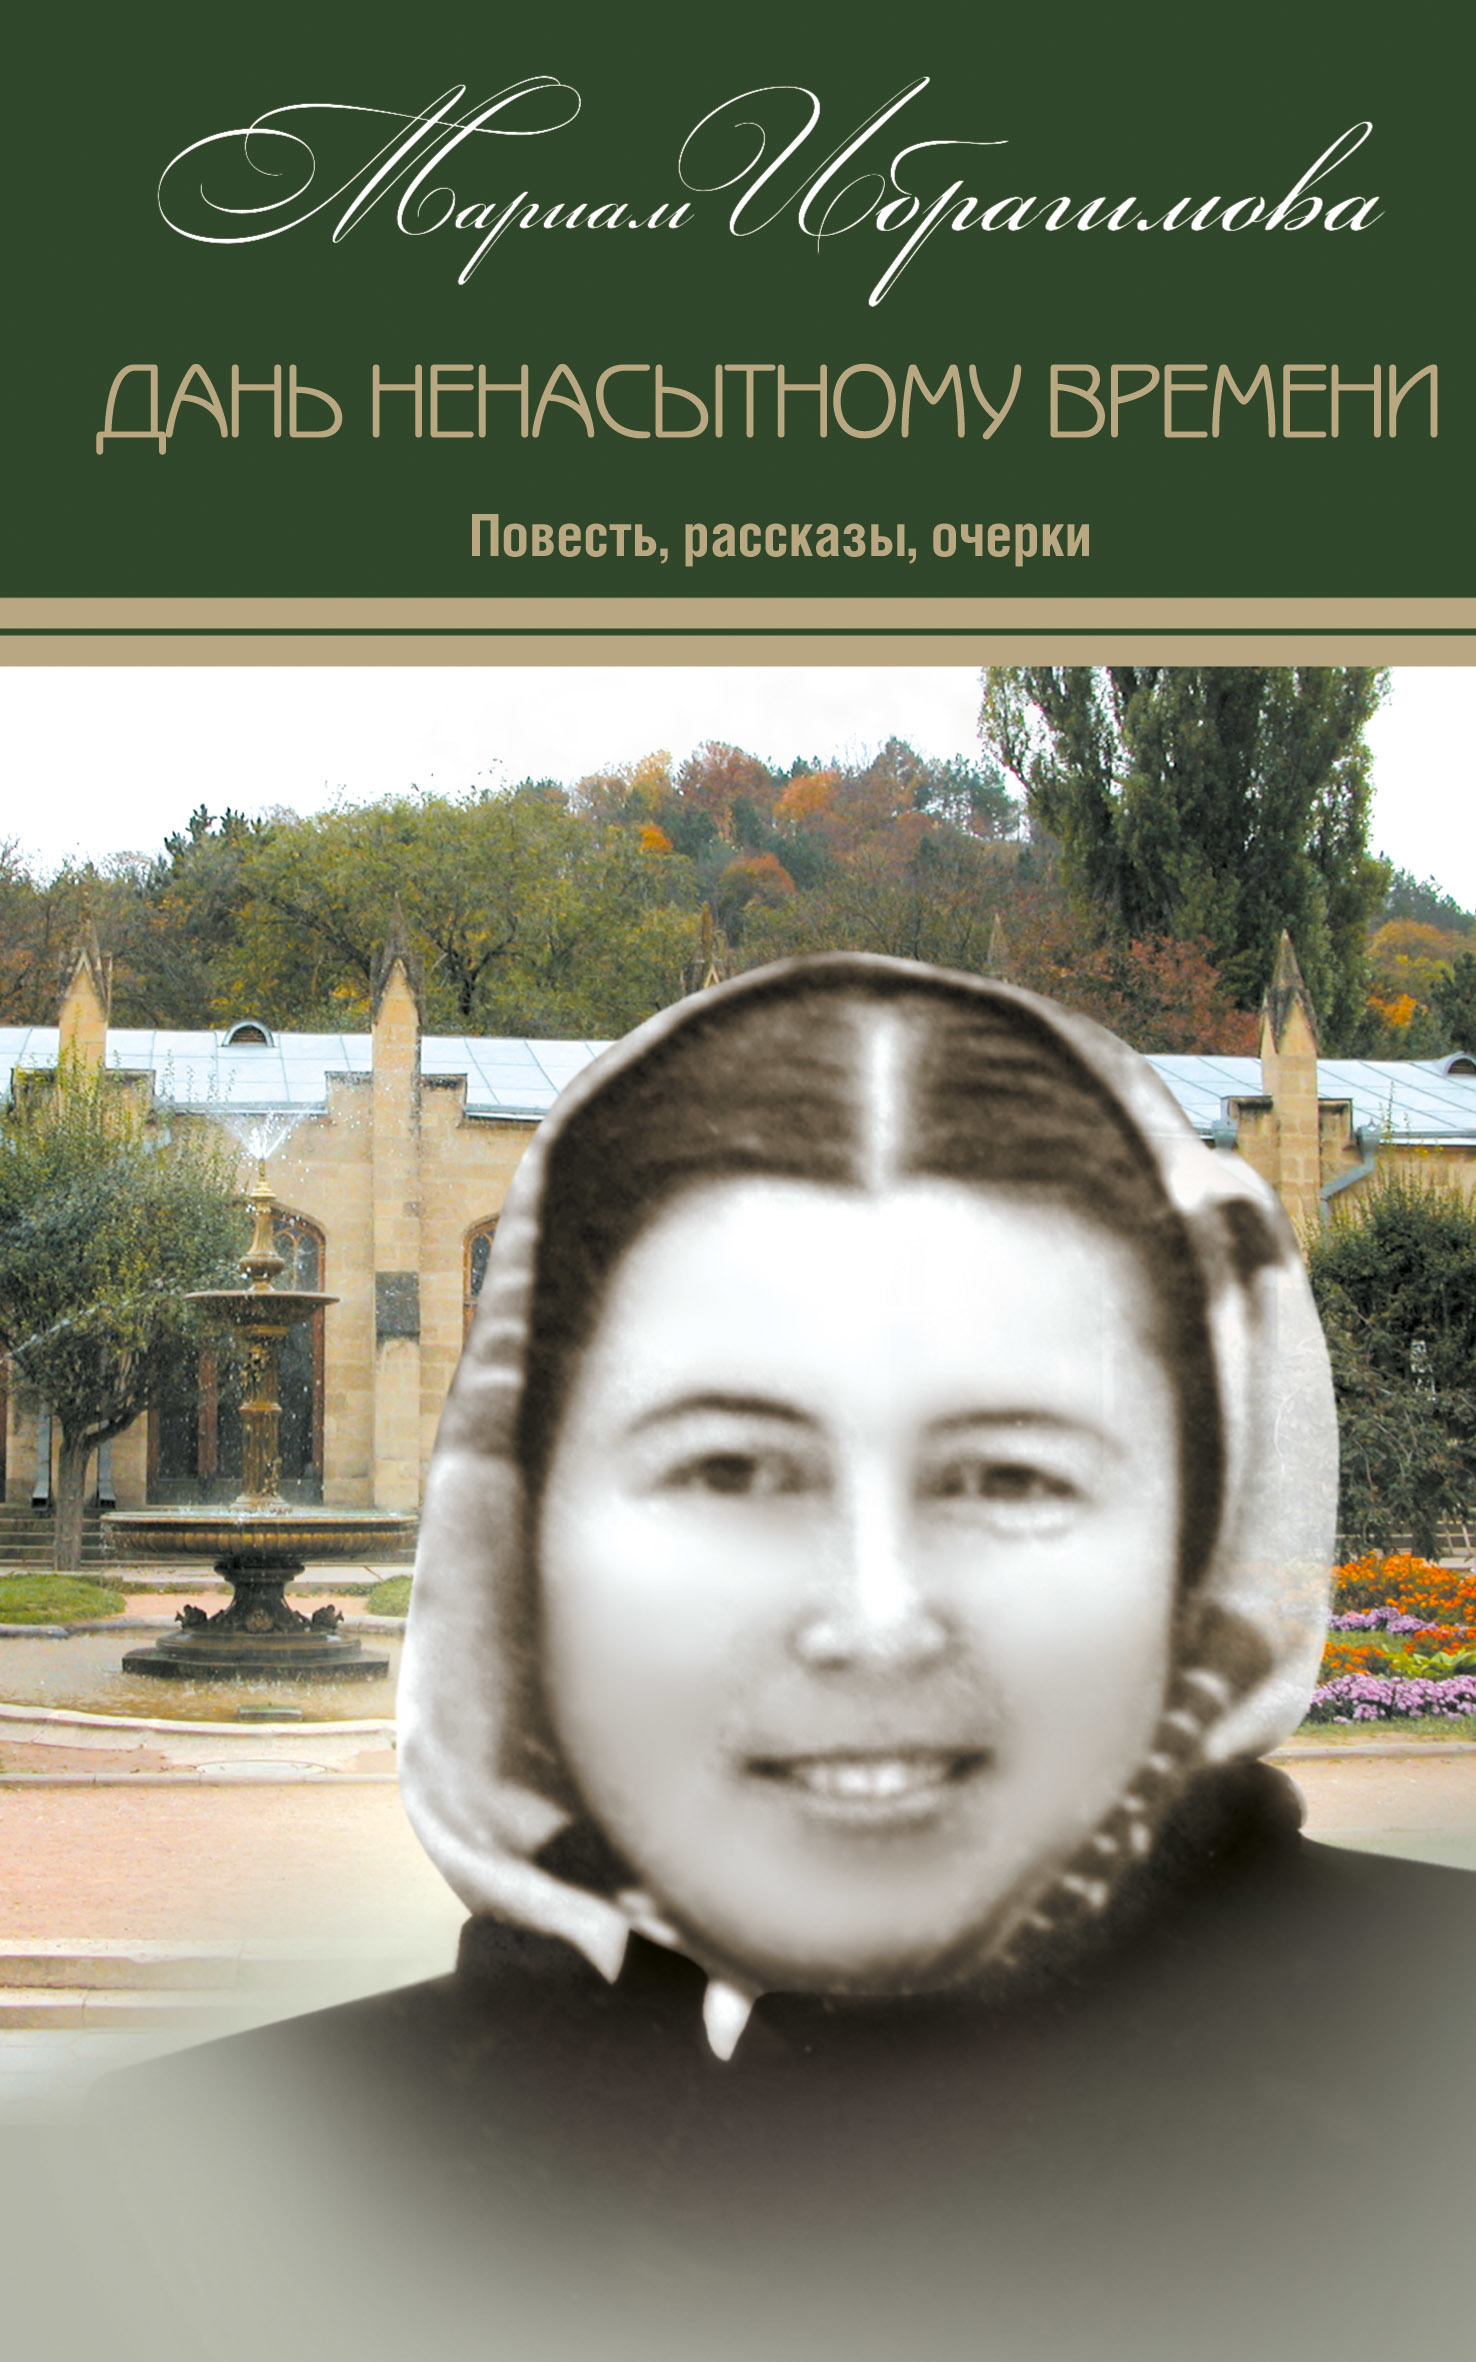 М. И. Ибрагимова Дань ненасытному времени (повесть, рассказы, очерки)